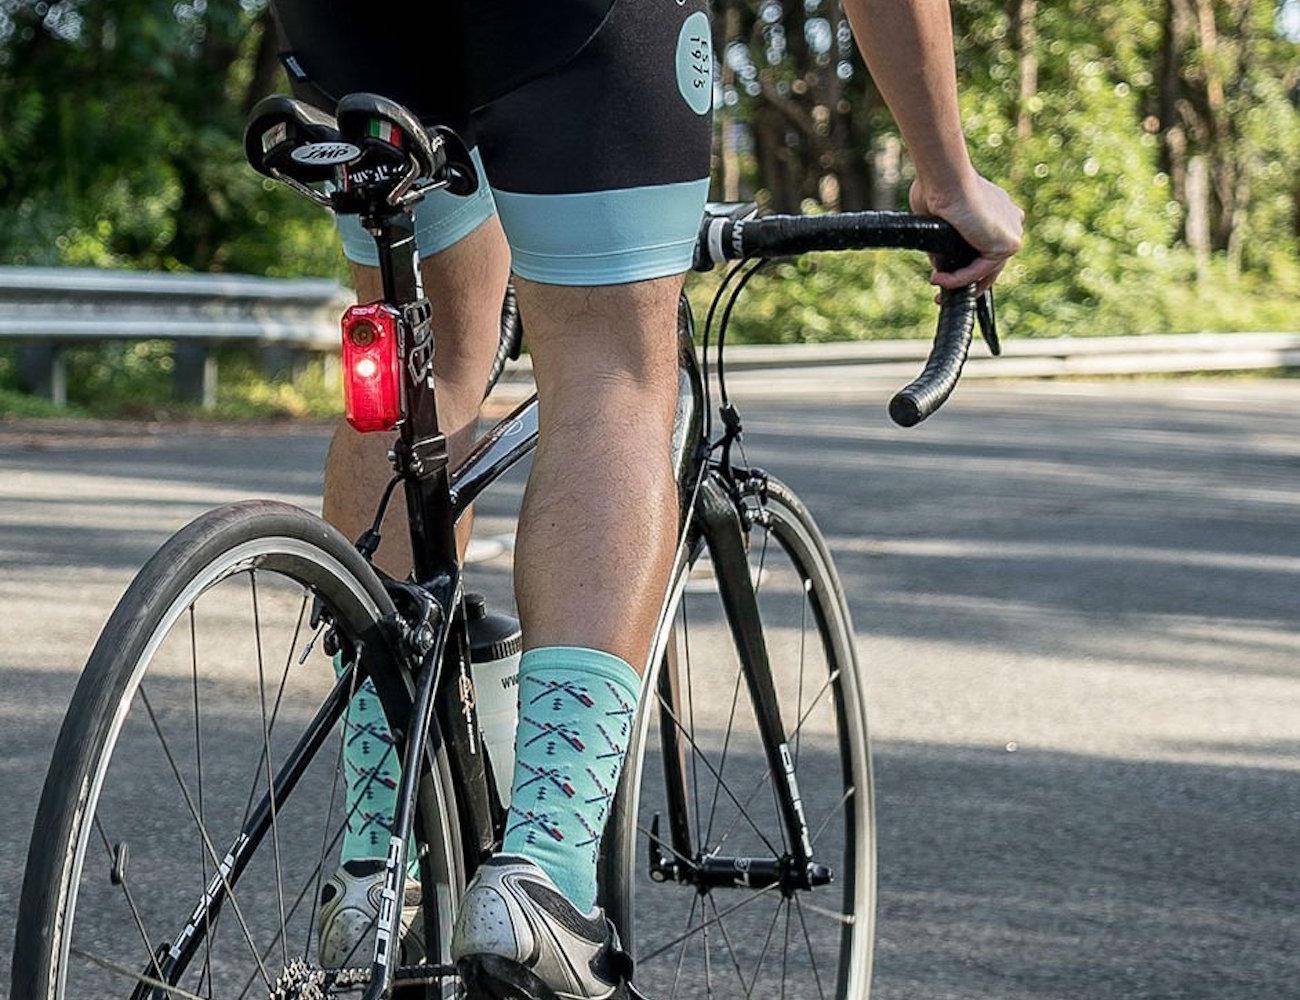 cycliq-fly-6-cycling-camera-and-rear-light-01